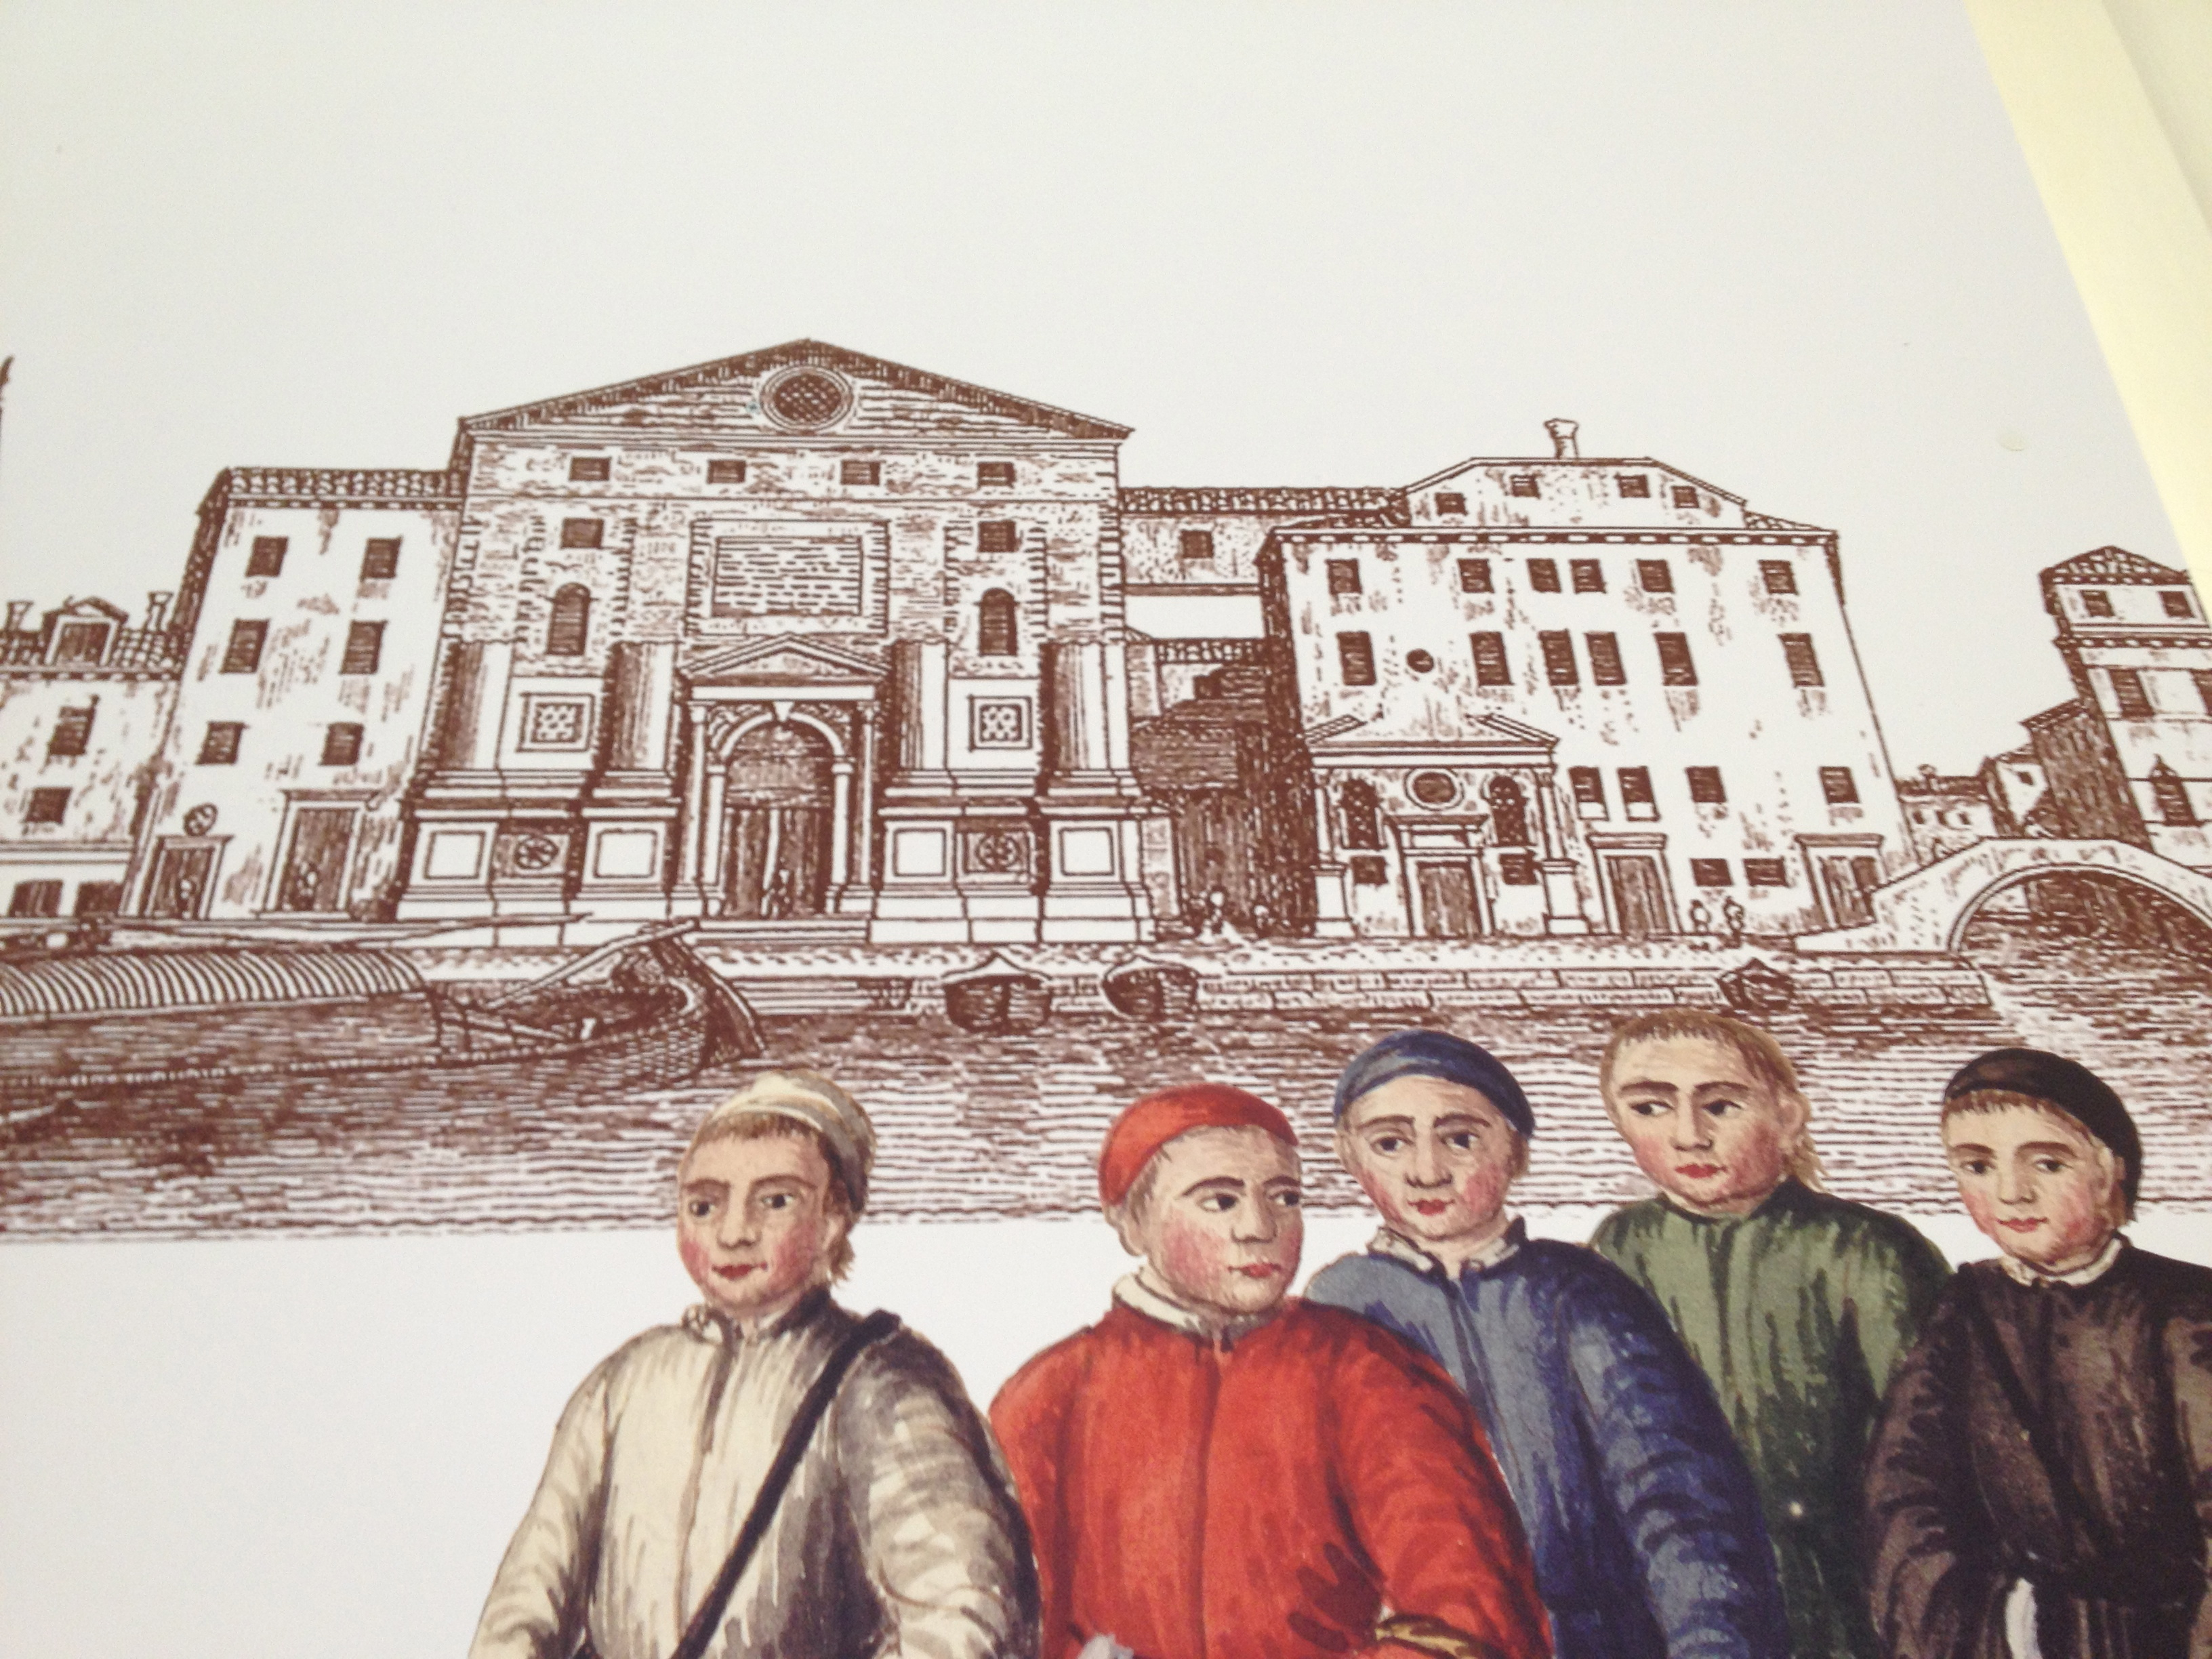 À droite de la façade encore inachevée de l'église, l'ancien bâtiment précédent celui de l'hôtel Metropole actuel ; à gauche de la porte d'entrée – quand on la regarde - l'ancien petit oratoire ; au premier plan les jeunes des différents hospices- conservatoires vénitiens dont celui de la Pietà habillé en rouge